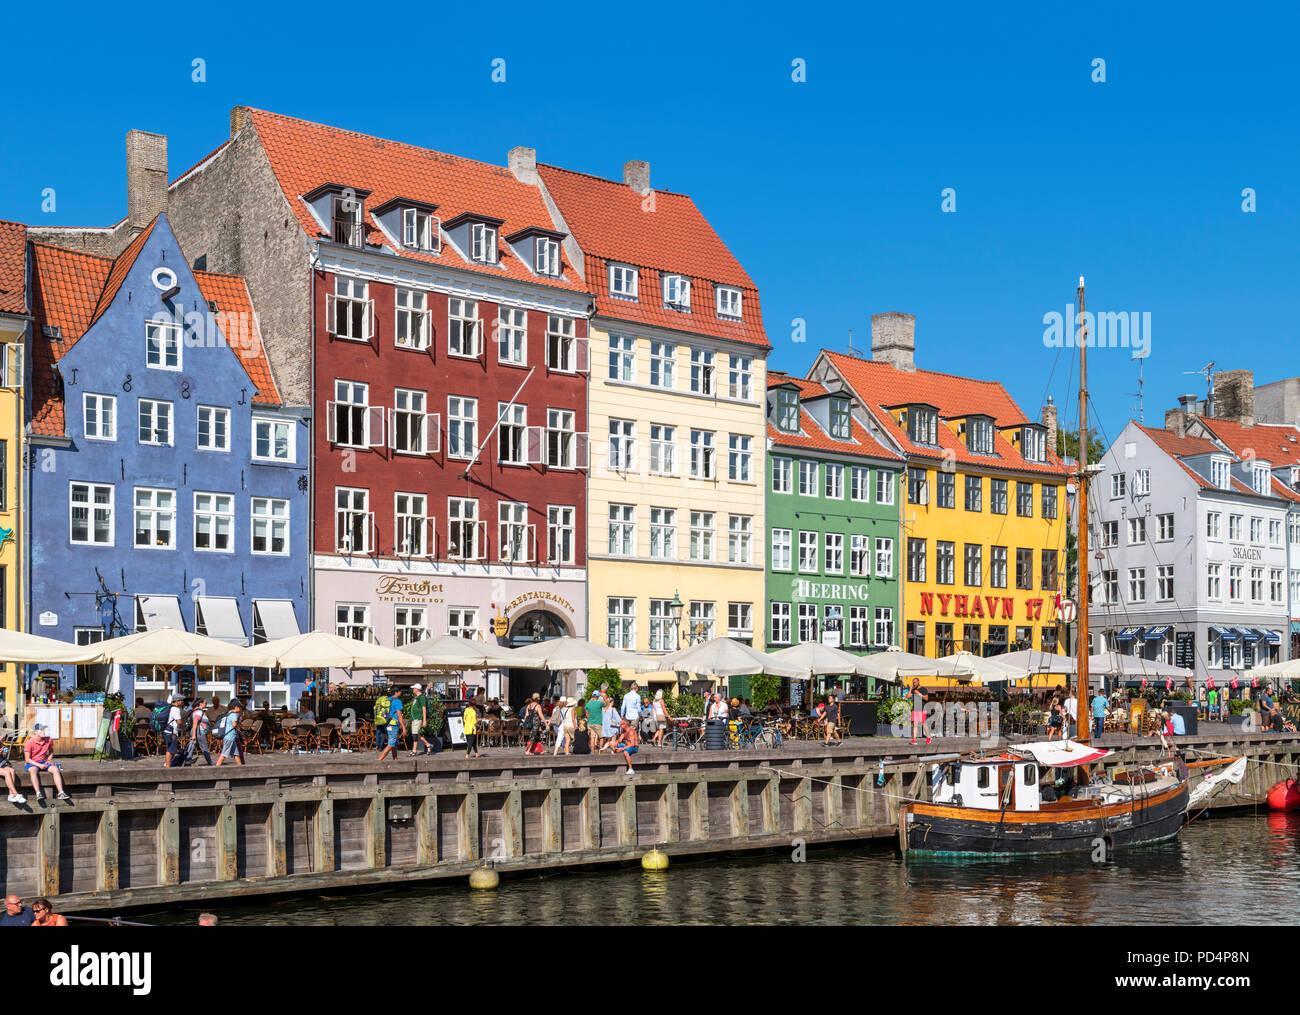 Edificios históricos a lo largo de canal de Nyhavn, Copenhague, Dinamarca. La casa más antigua es nº 9 en el extremo izquierdo (edificio azul), Copenhague, Dinamarca Foto de stock